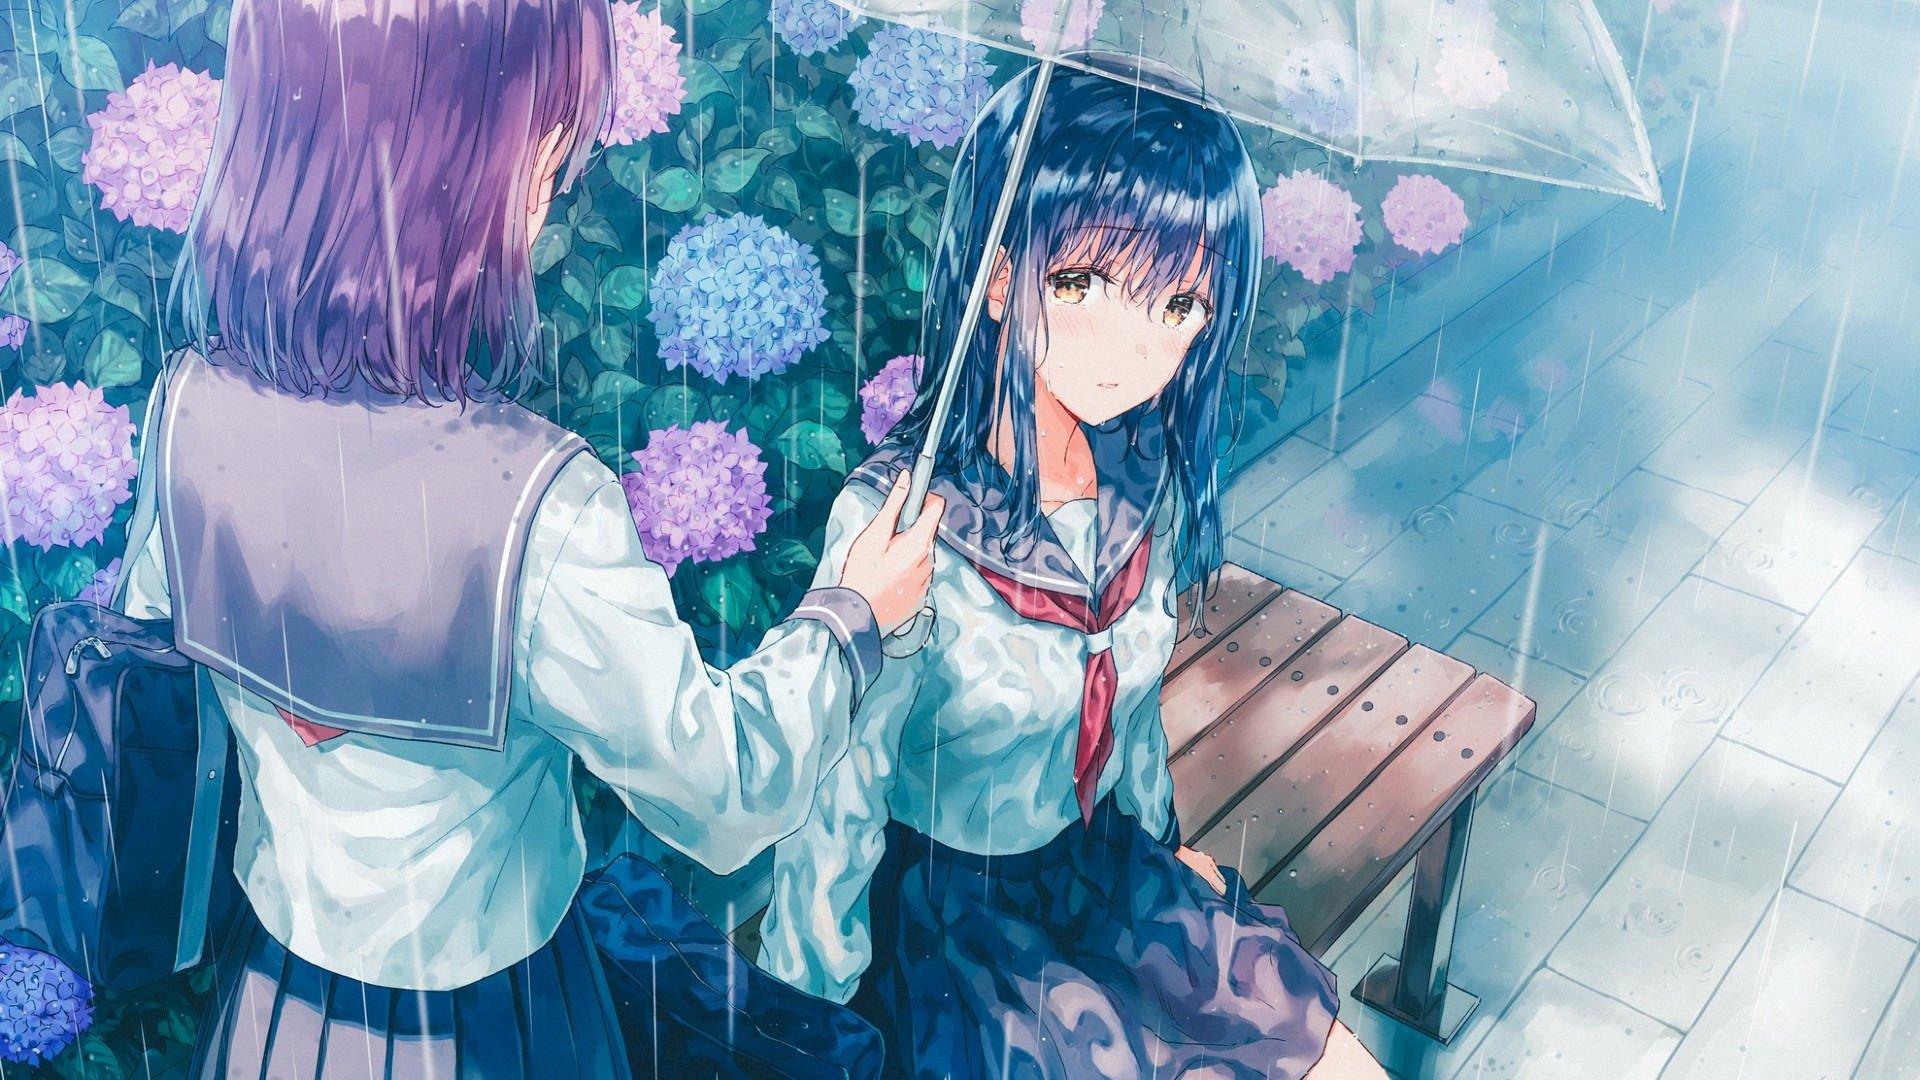 雨天 下雨 雨伞 浑身湿透了的女孩 高清动漫壁纸,高清电脑桌面壁纸